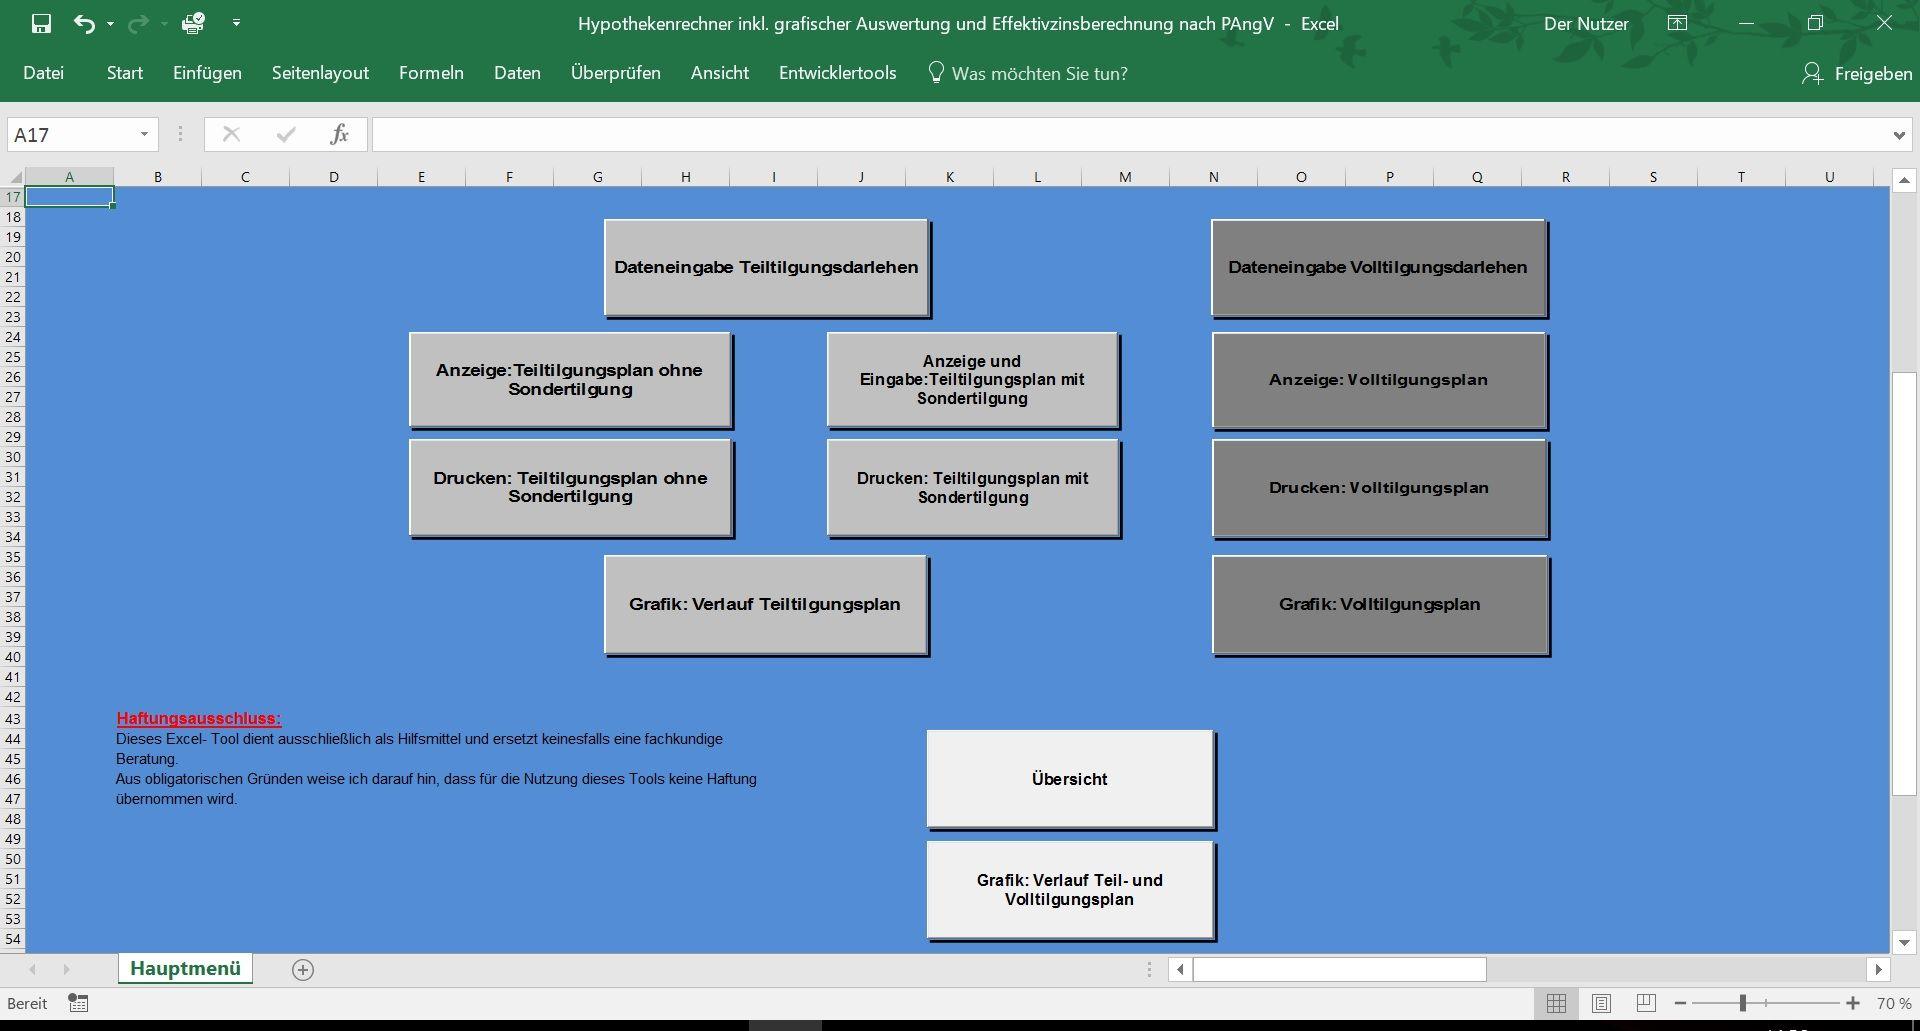 Großzügig Darlehensrechner Excel Vorlage Zeitgenössisch - Beispiel ...